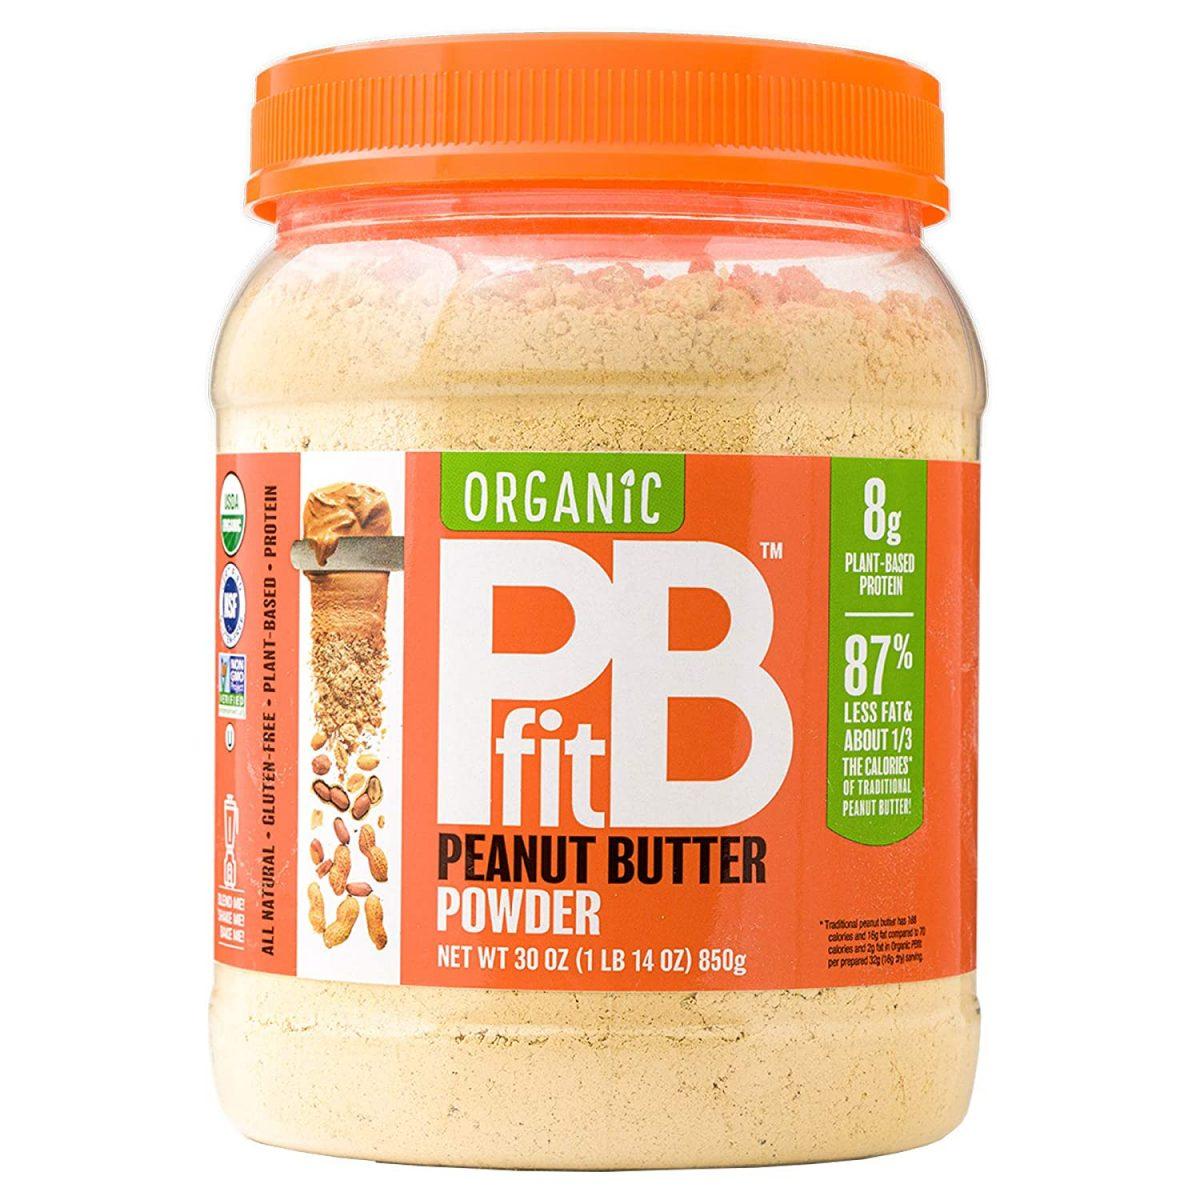 PBfit All-Natural Organic Peanut Butter Powder, Powdered Peanut Spread